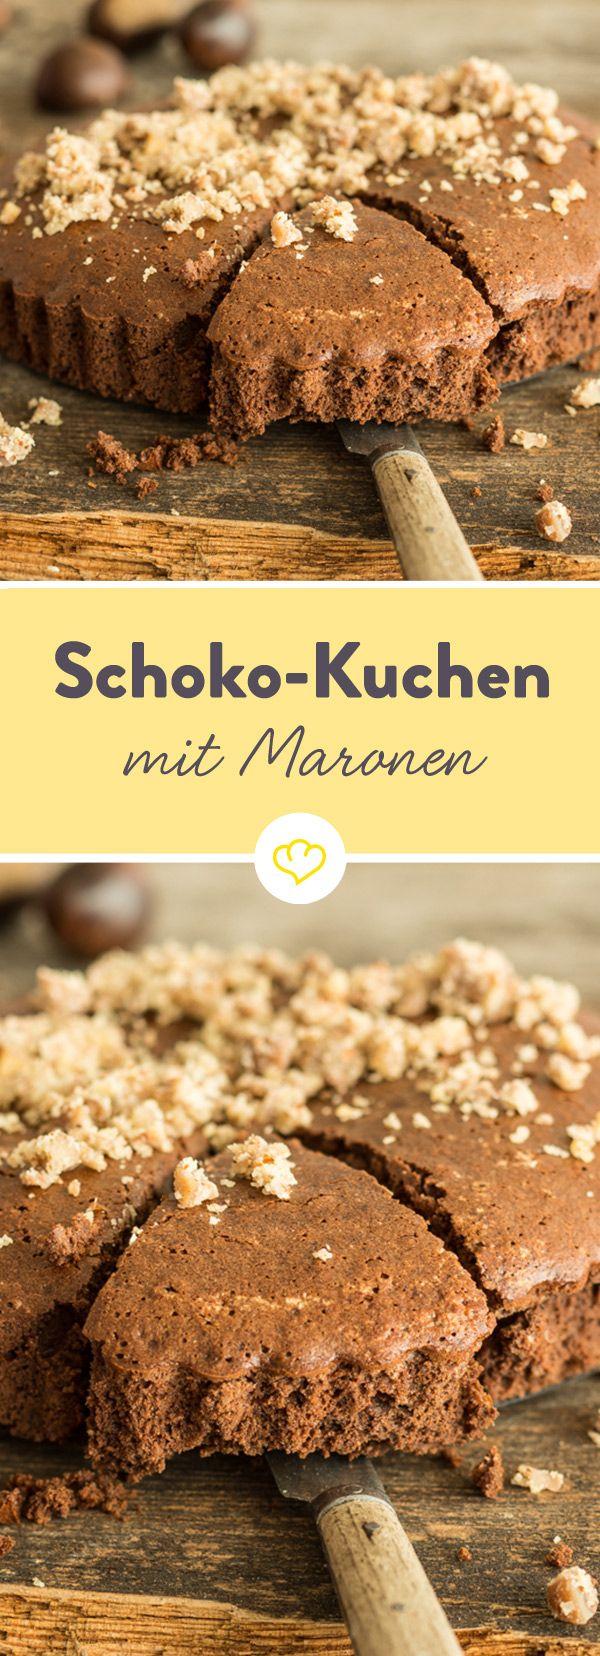 Maronen bringen, geröstet oder gekocht, eine natürliche Süße mit und verleihen diesem glutenfreien Schokokuchen ein wunderbar nussiges Aroma.